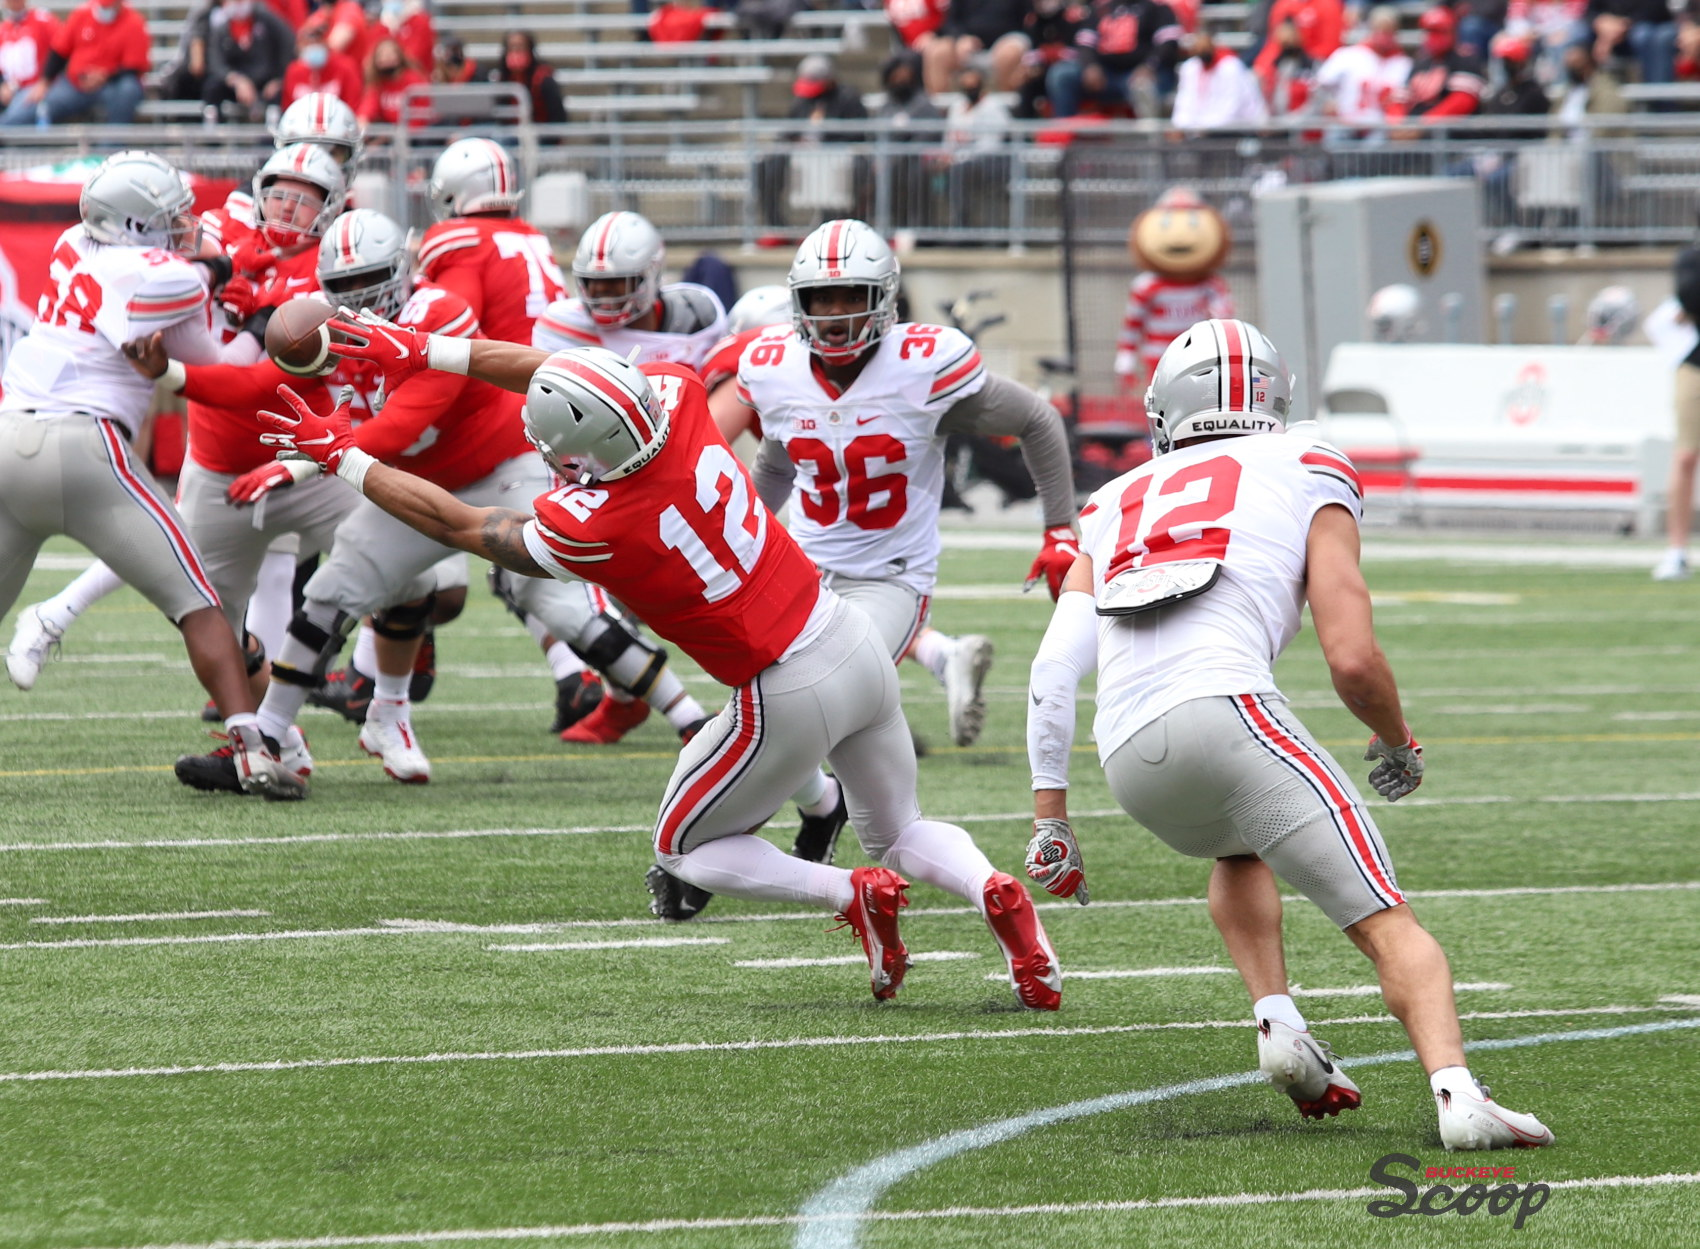 Ohio State wide receiver Emeka Egbuka